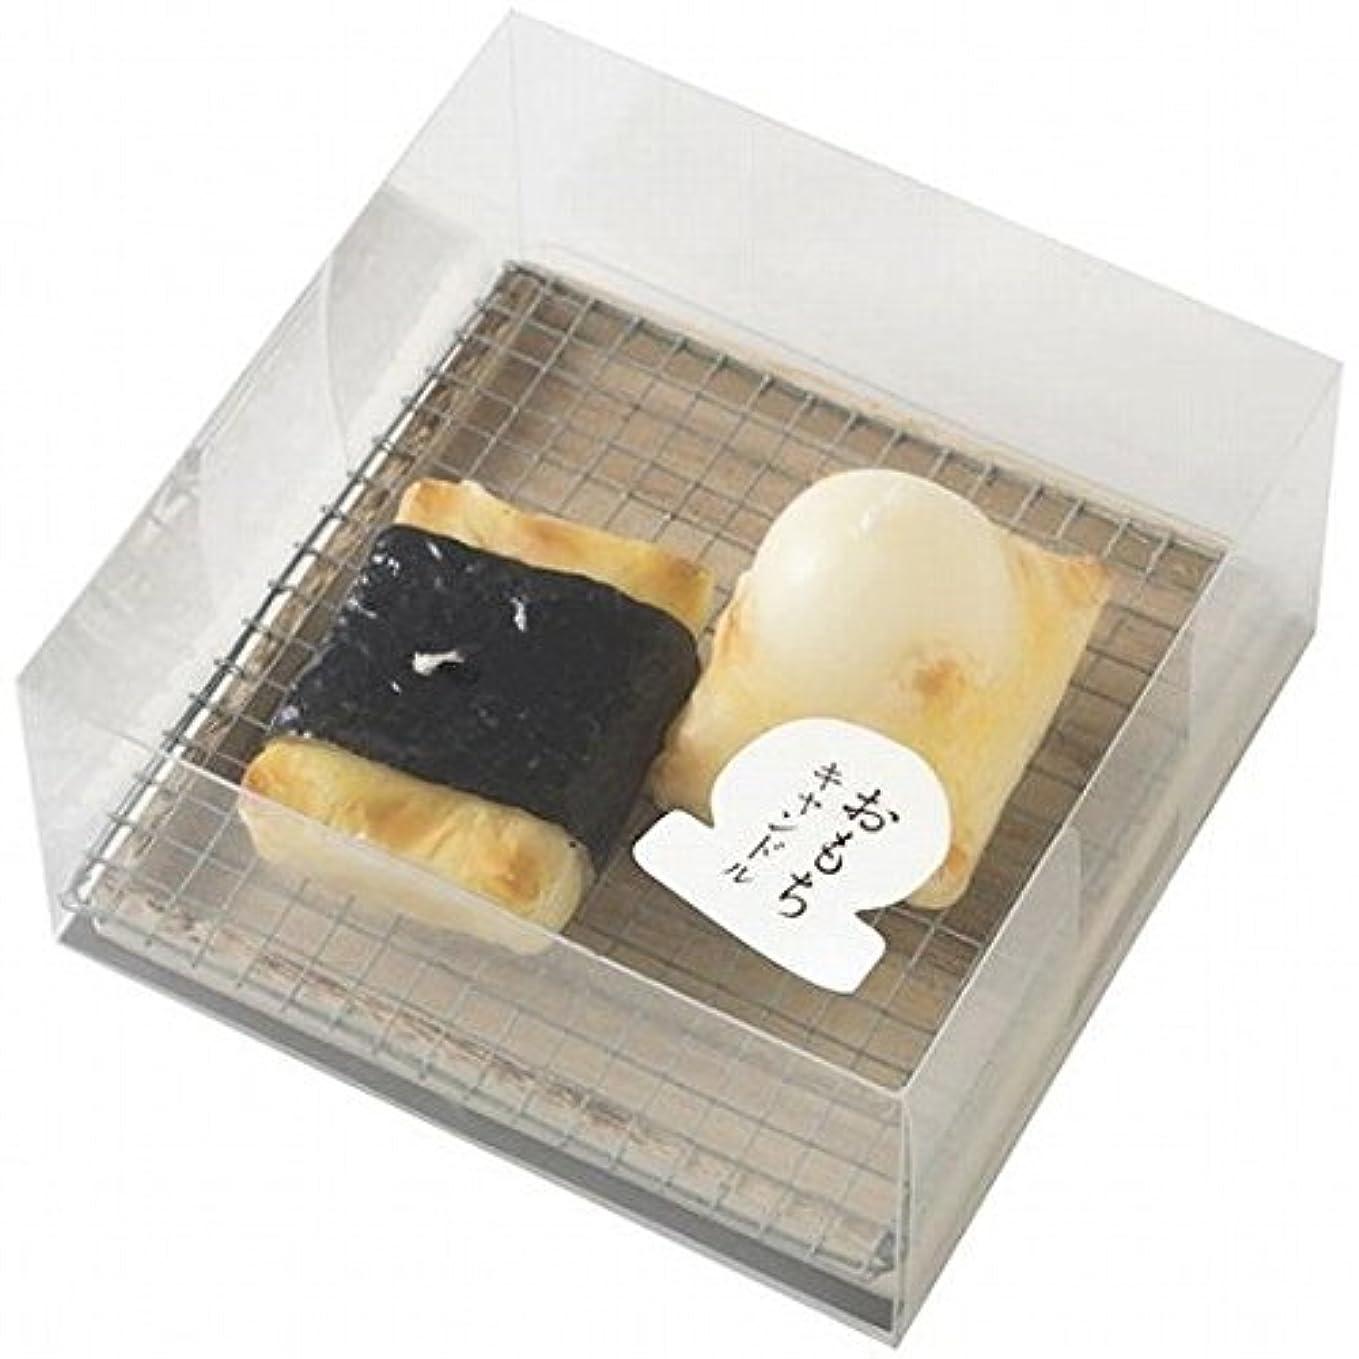 のスコア関数精神的にkameyama candle(カメヤマキャンドル) おもちキャンドル(86930000)